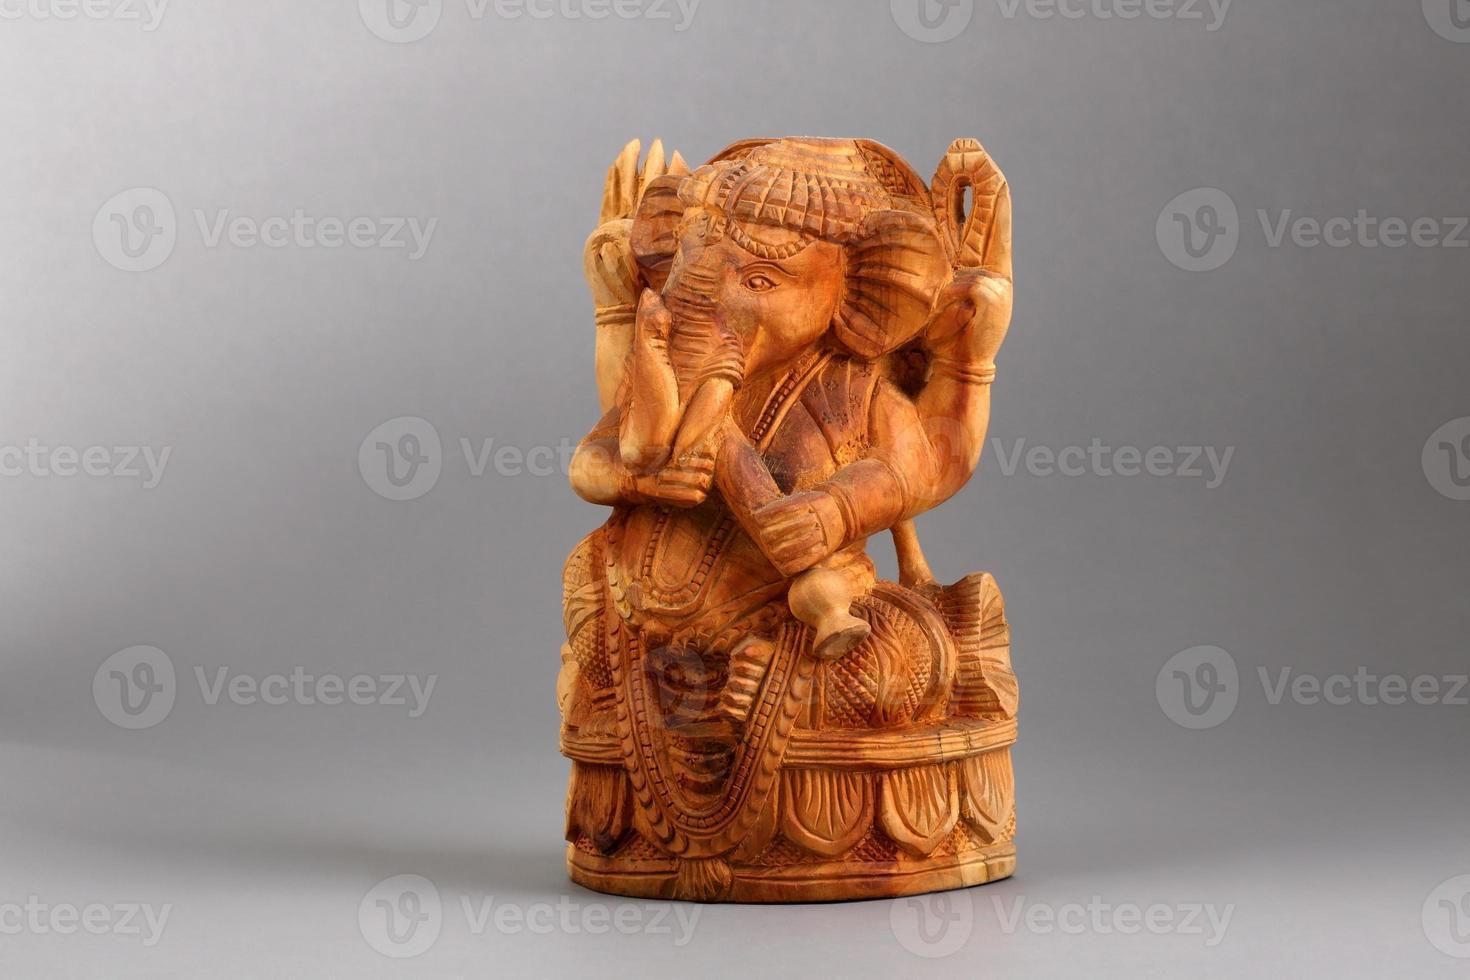 sculture in legno di sandalo ganesha isolati su sfondo bianco, el foto